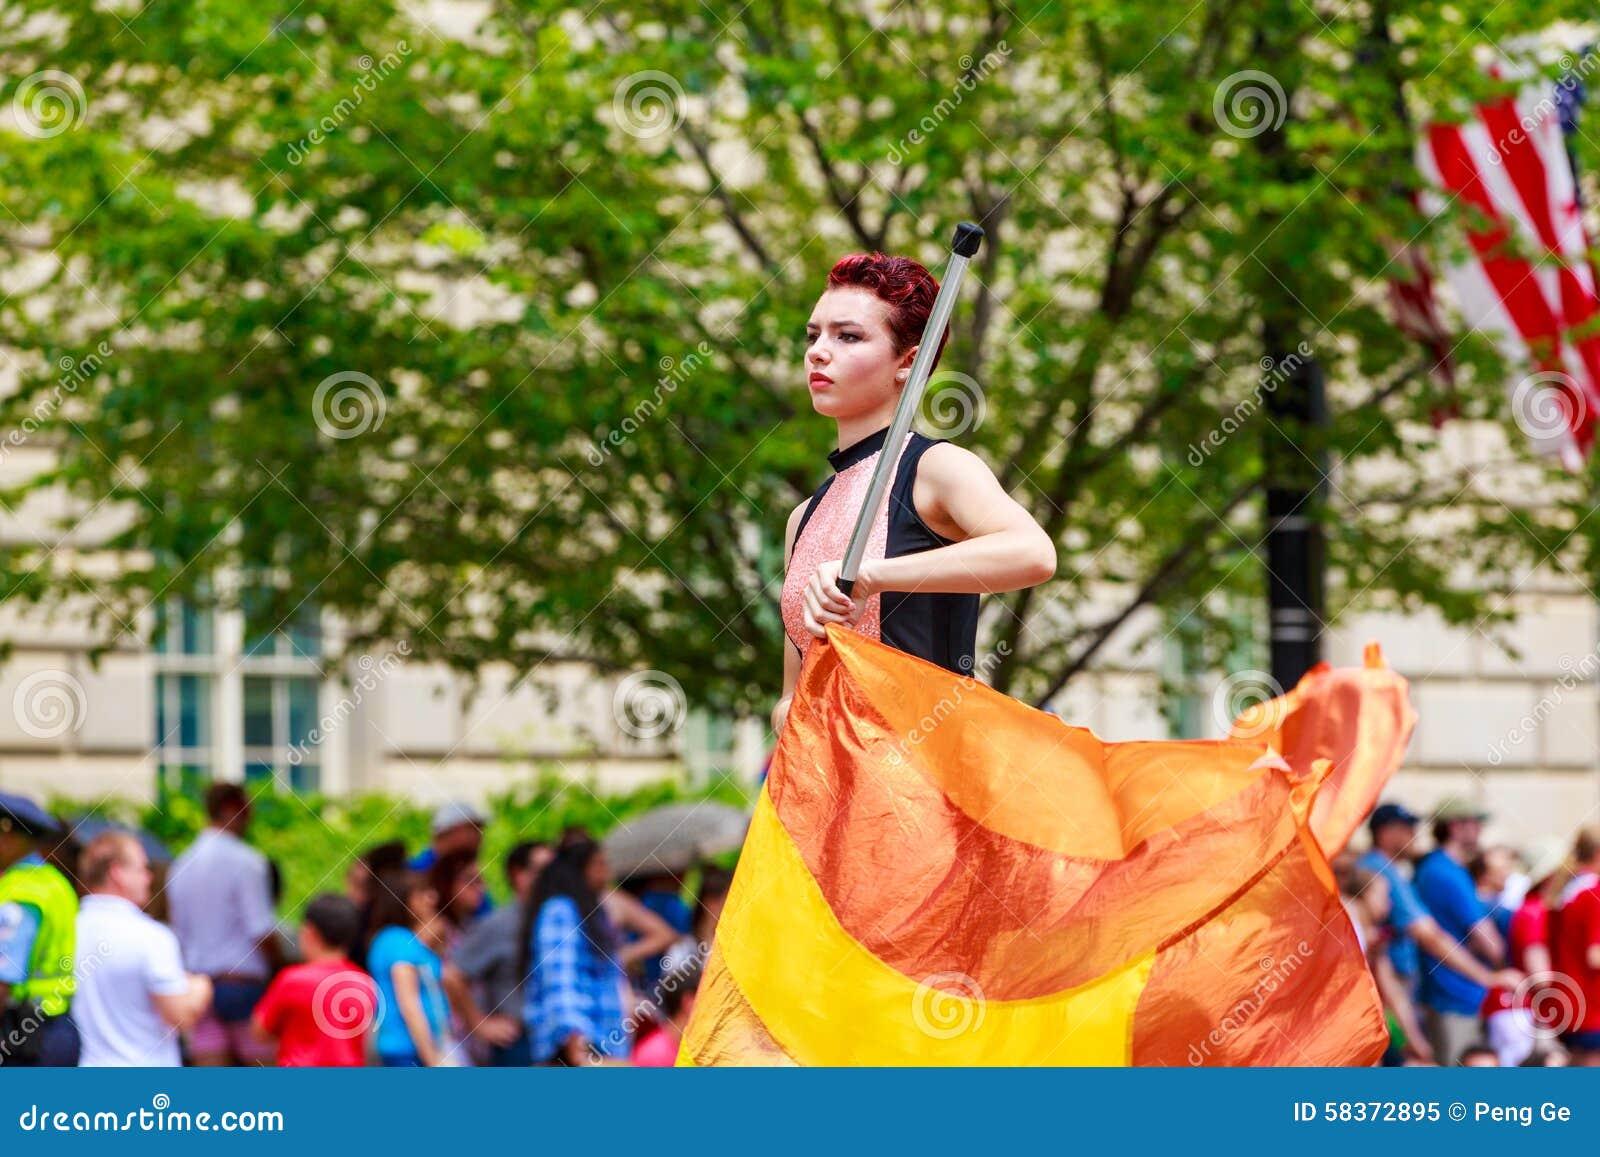 Parada nacional 2015 do Dia da Independência